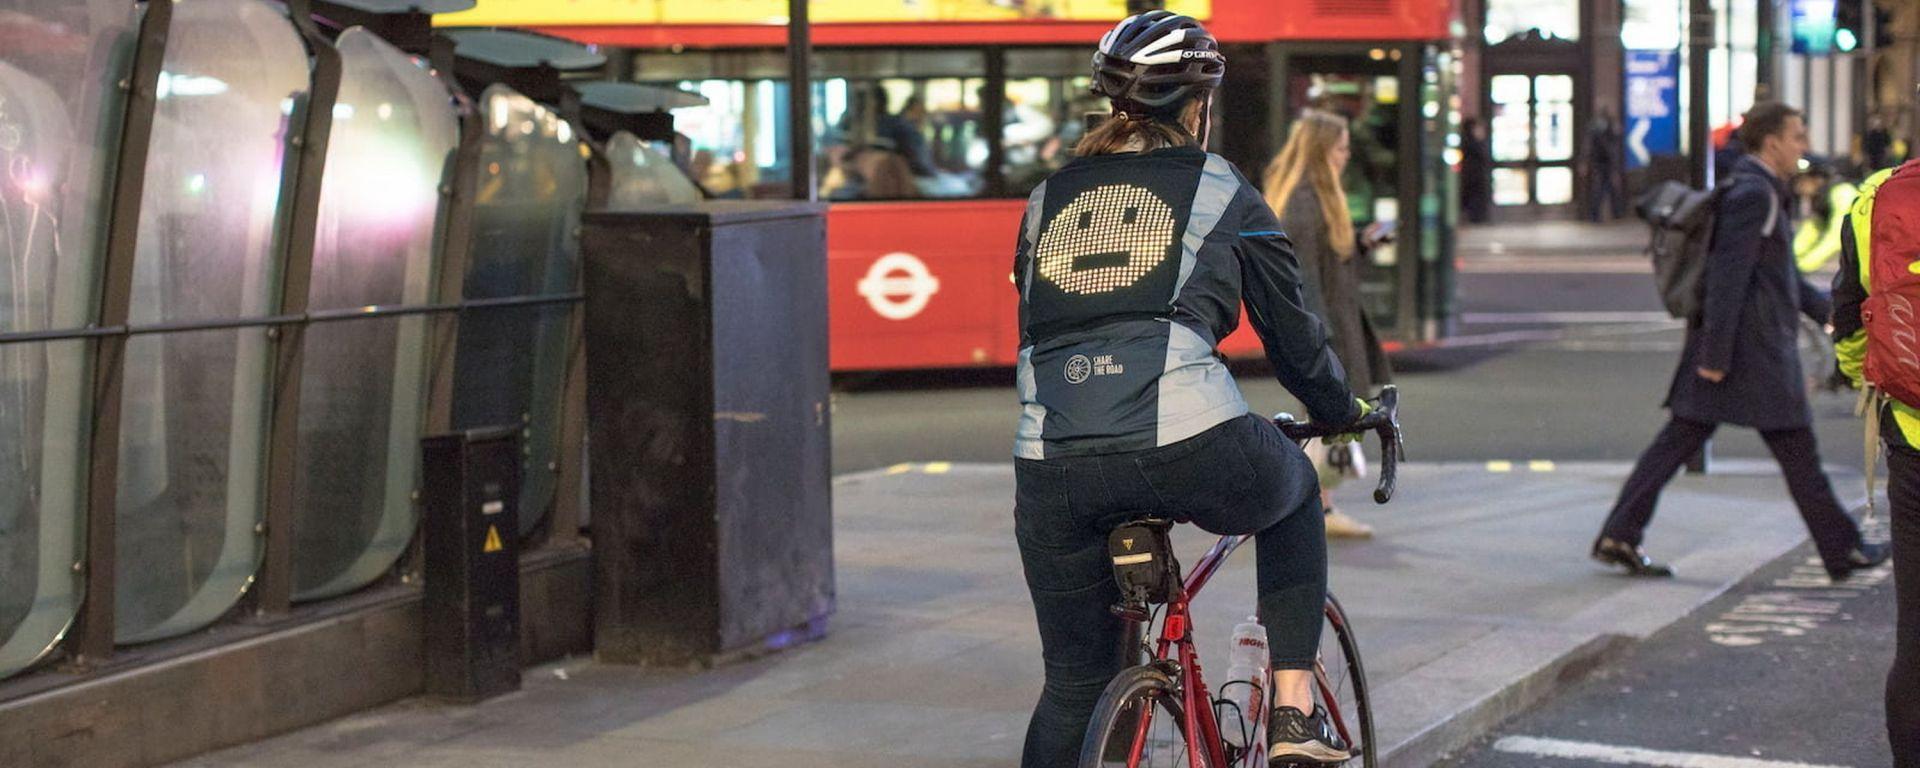 L'Emoji Jacket di Ford in prova a Londra